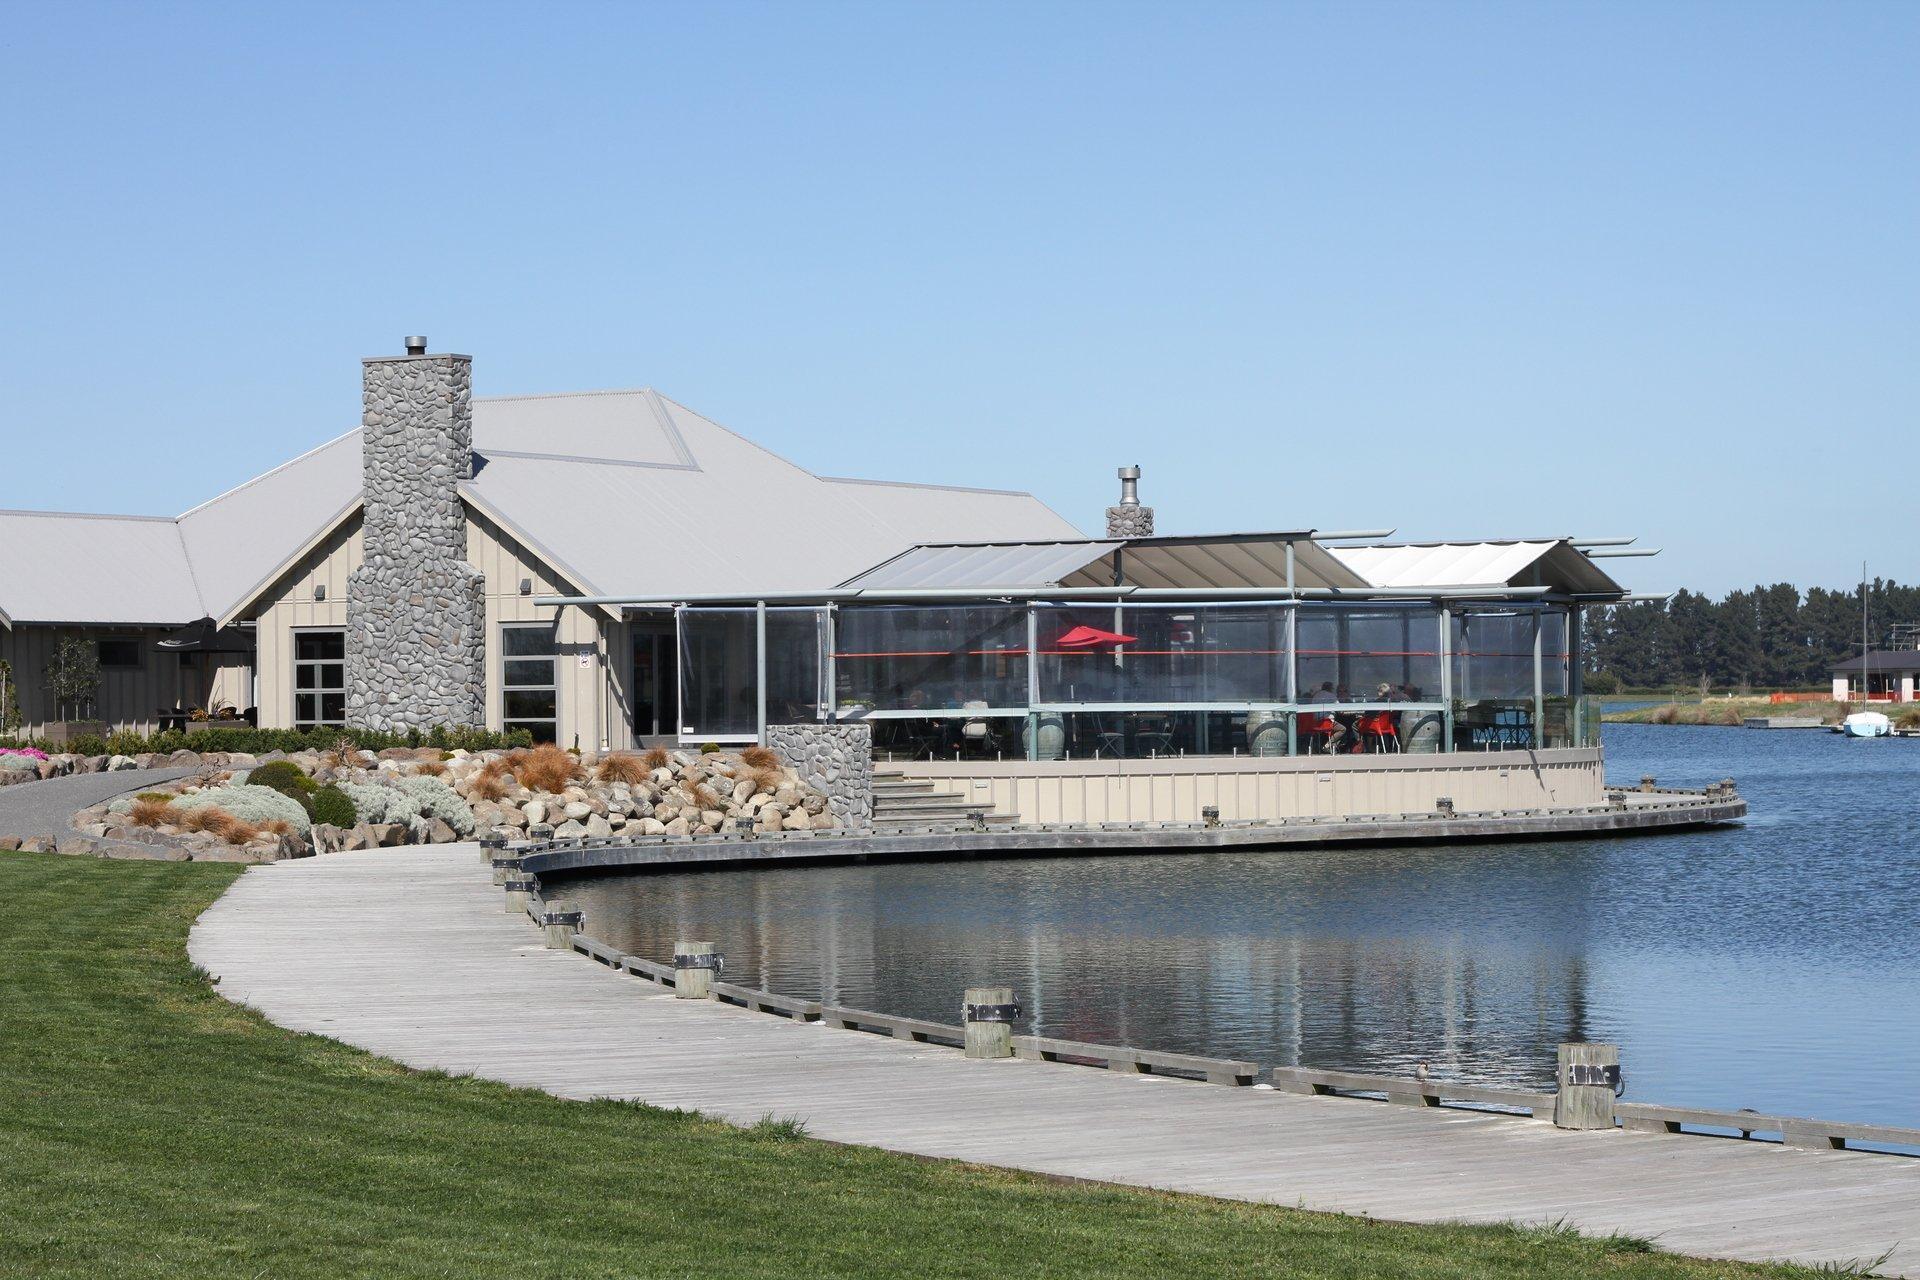 The Lake House Restaurant & Bar